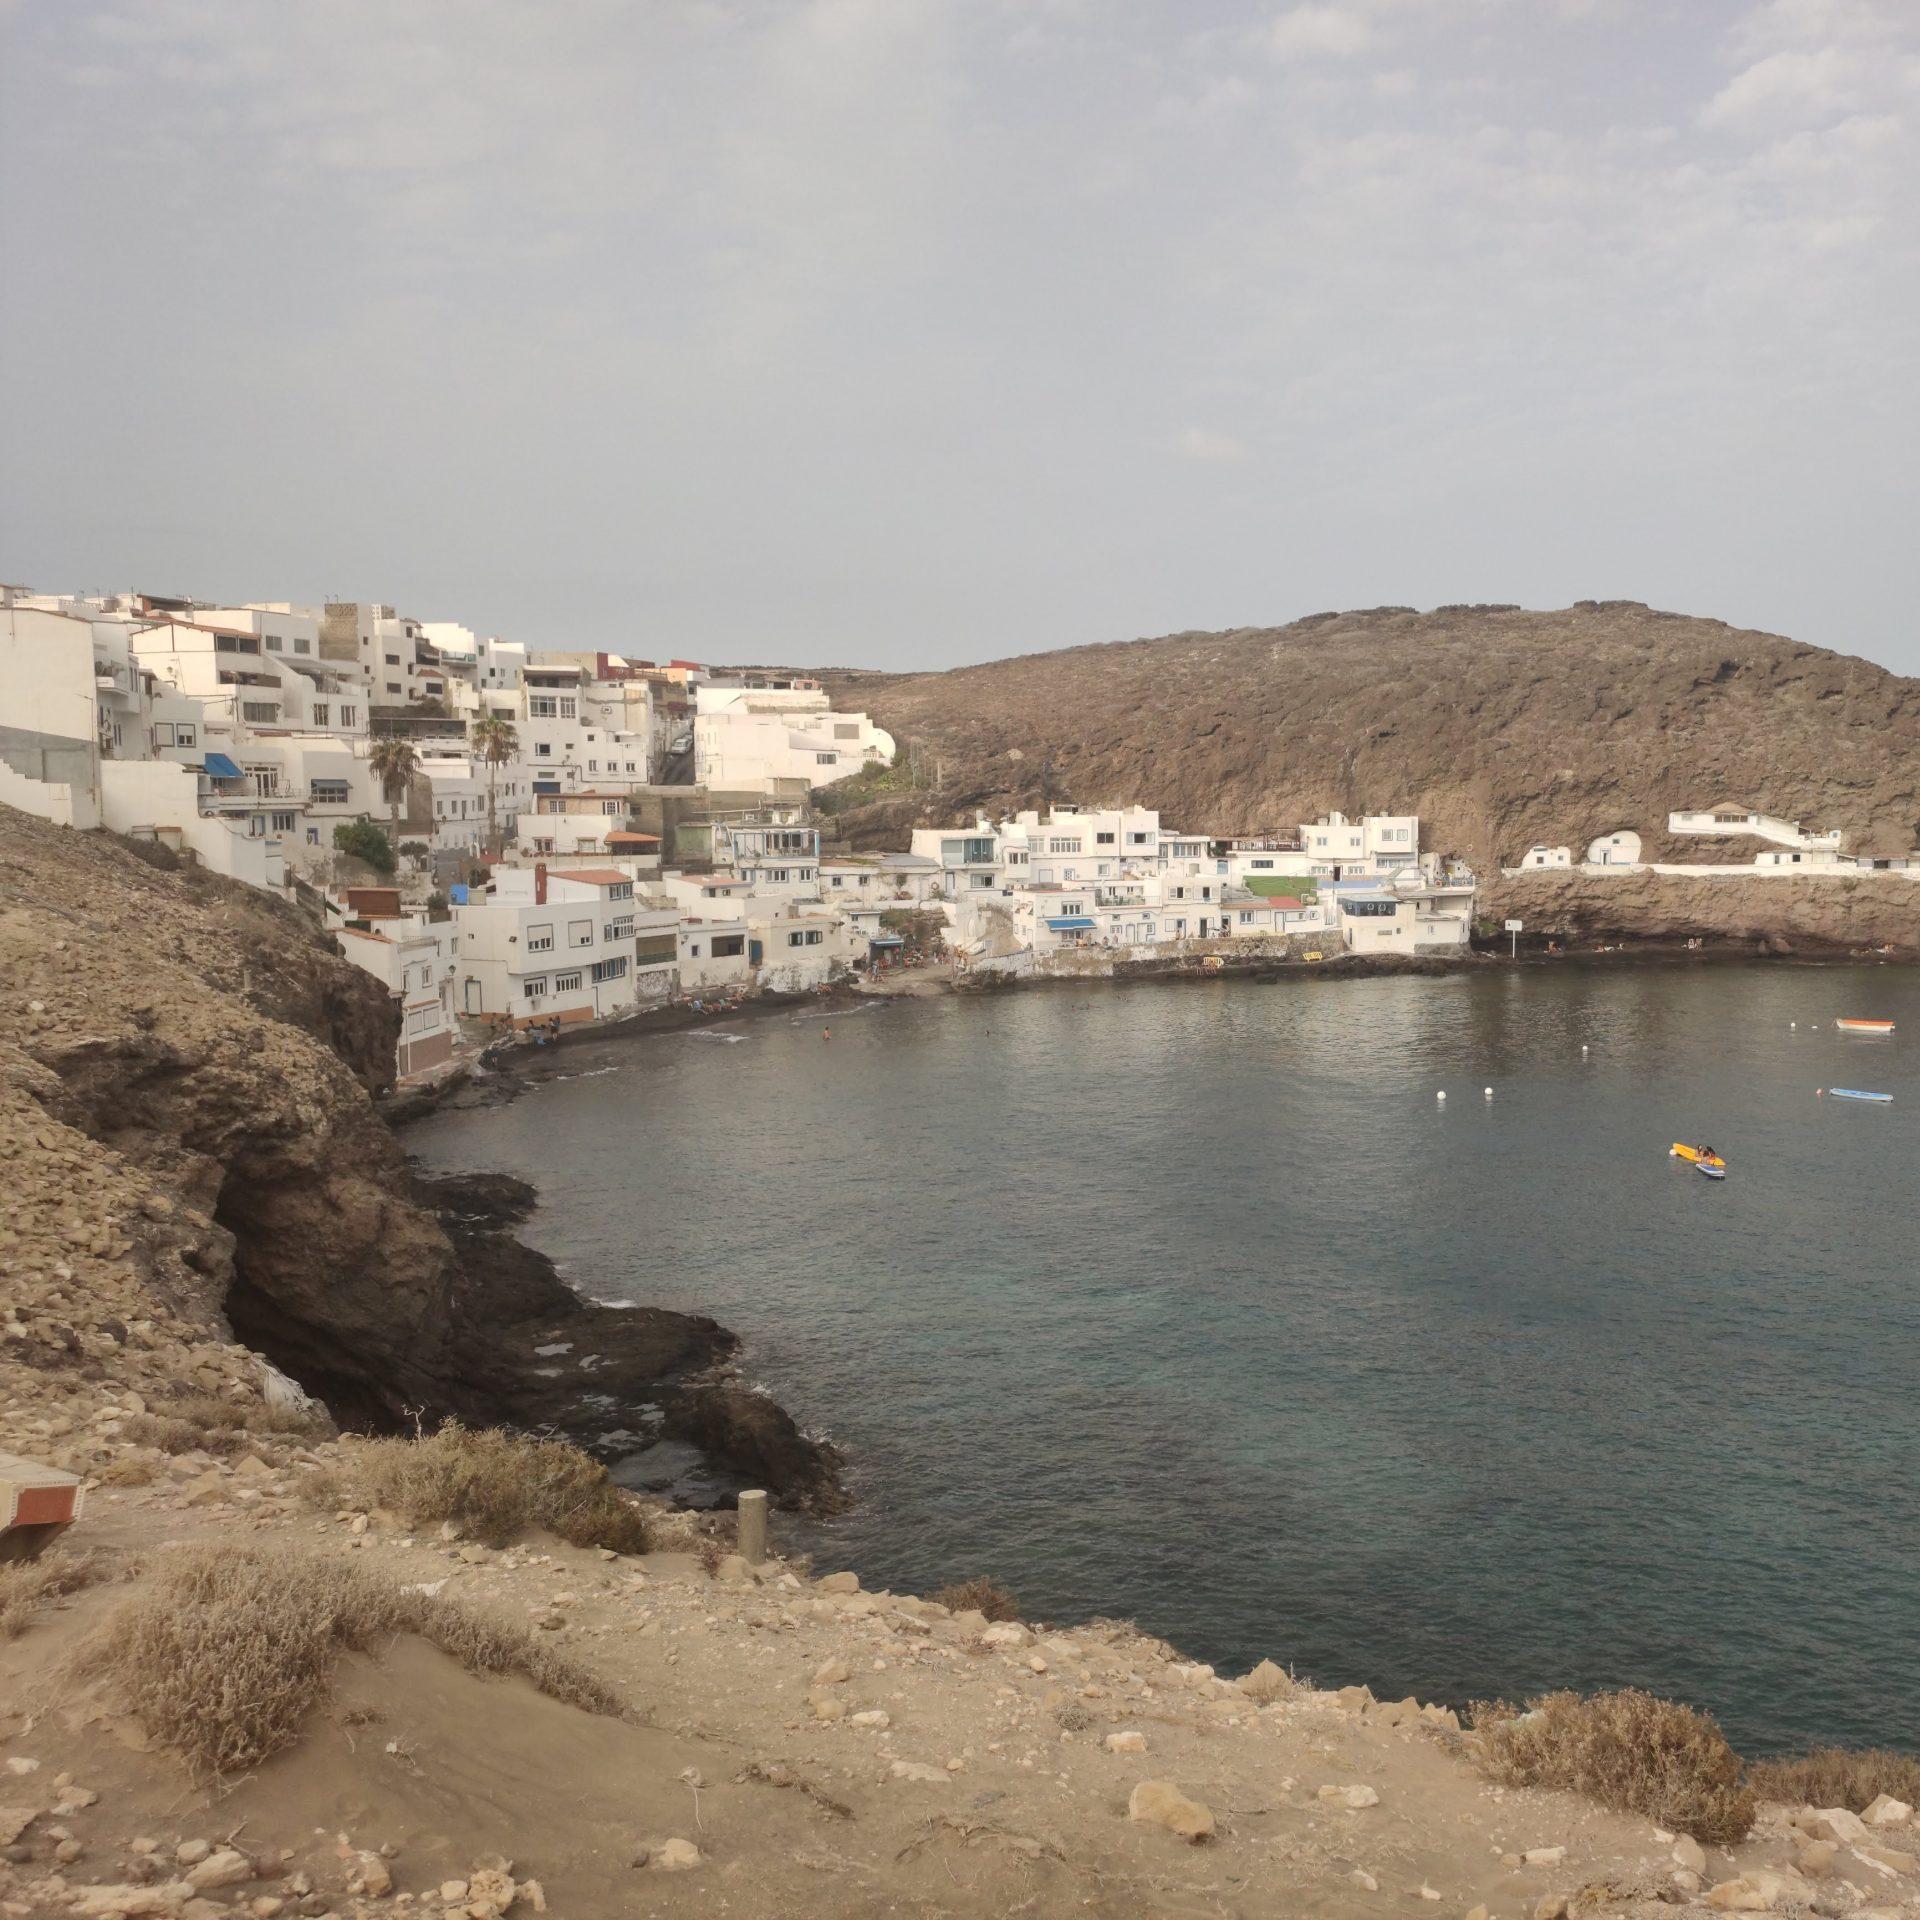 Playa de Tufia con vistas del pueblo de Tufia, Gran Canaria